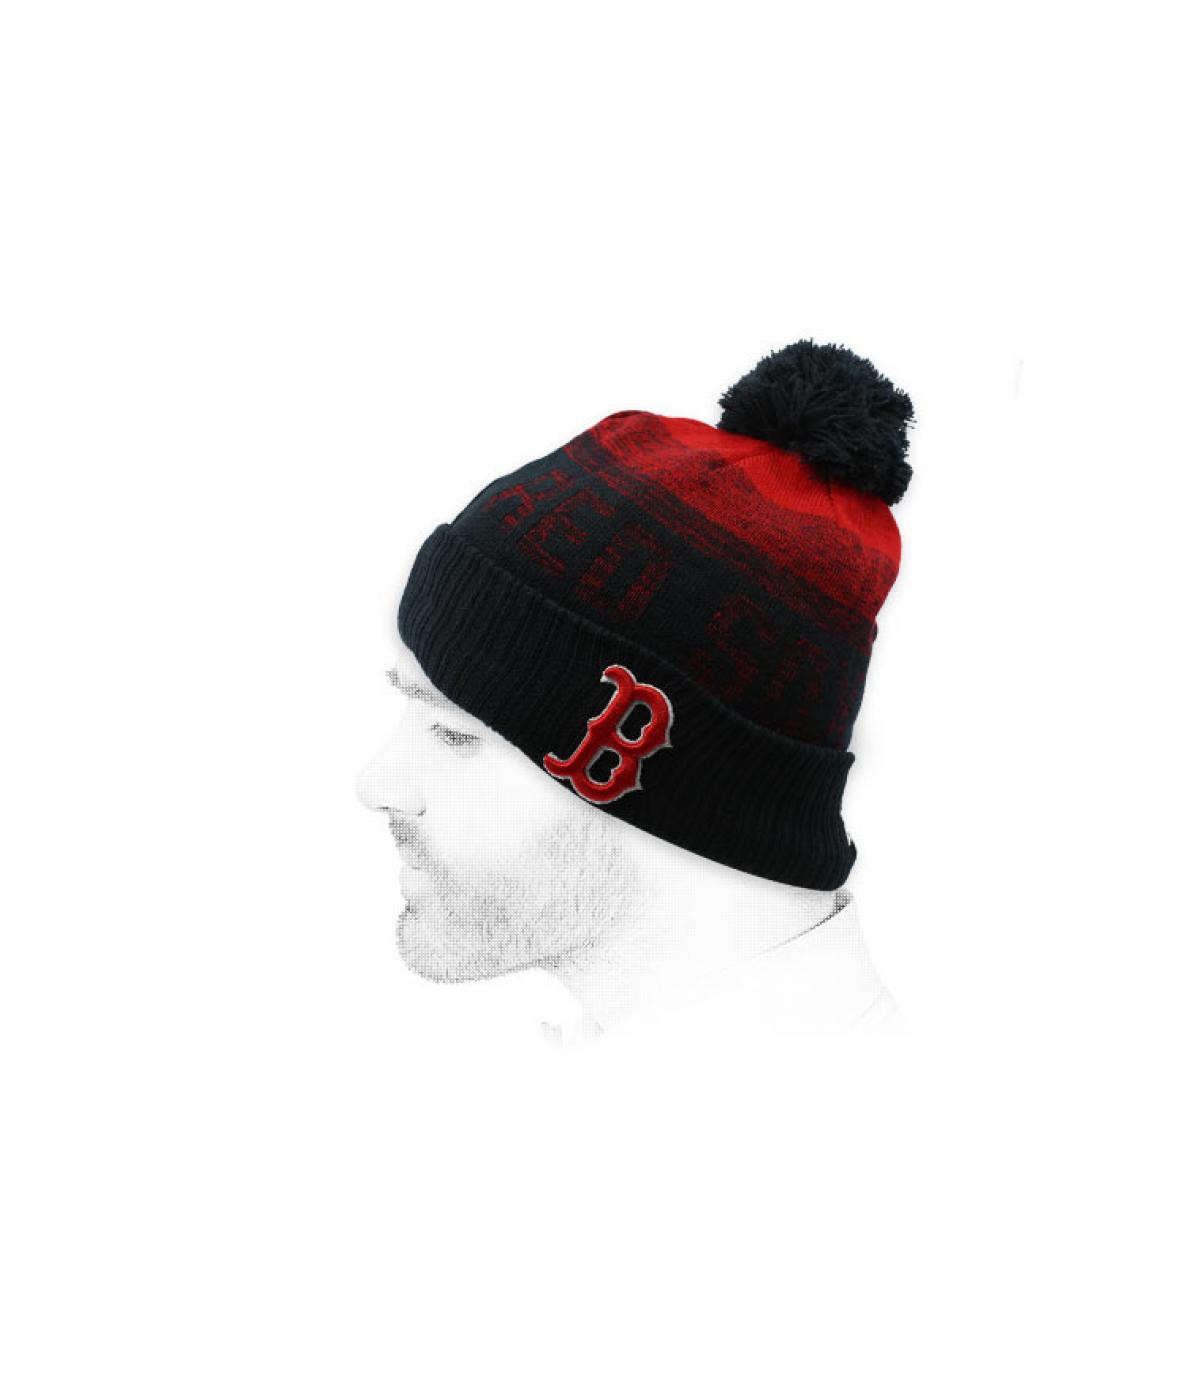 bonnet B pompon noir